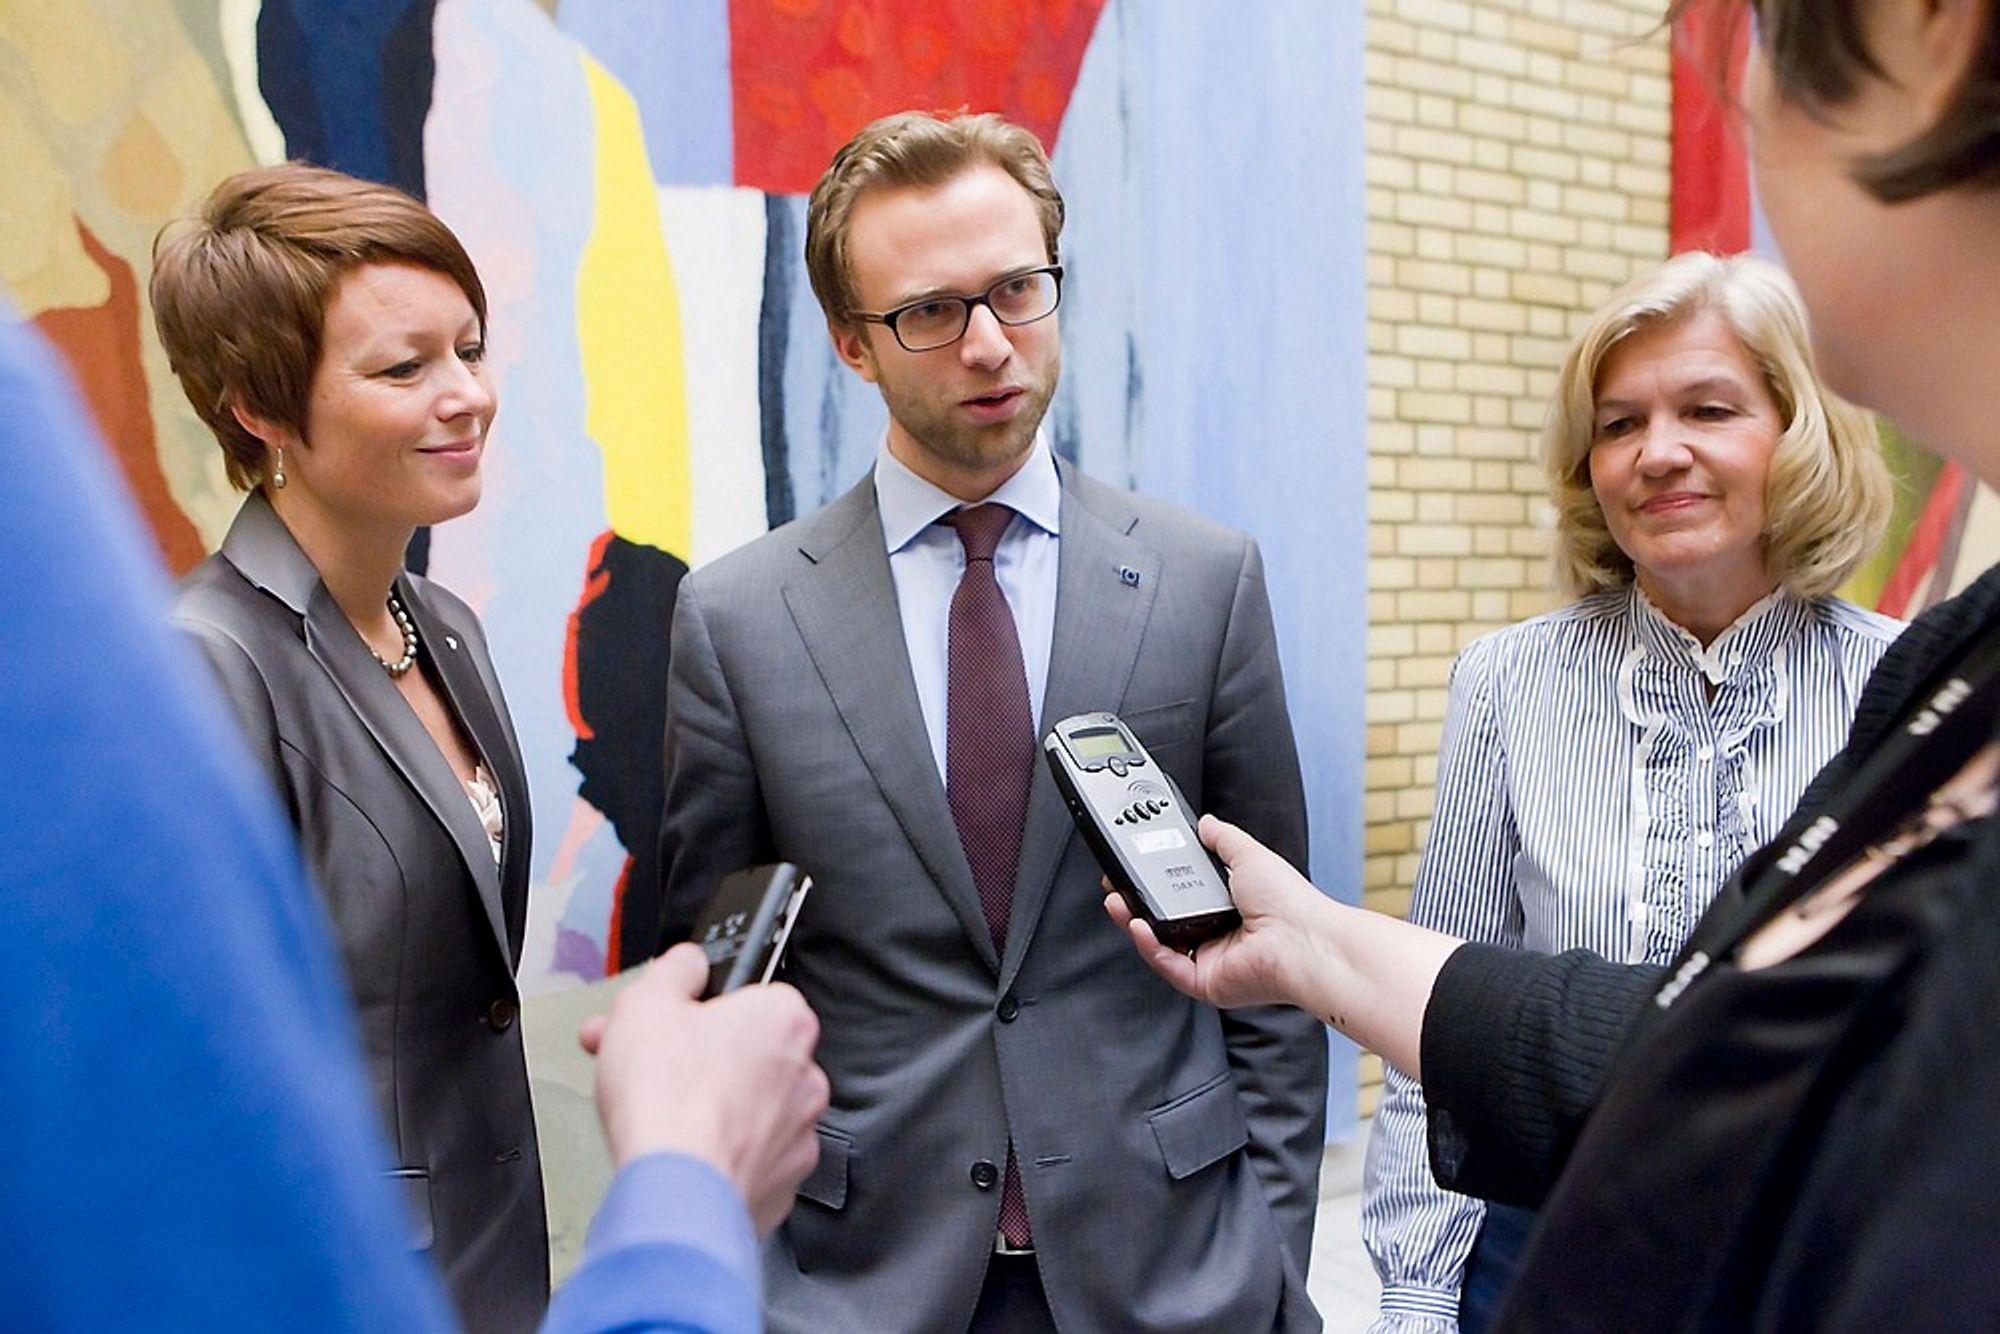 ØNSKER FORLIK: Nikolai Astrup ønsker å droppe klimameldingen til fordel for et nytt, bredt forlik, men har ikke diskutert det med de andre opposisjonspartiene. Her står han sammen med Borghild Tenden (V) og Line Henriette Hjemdal (KrF).